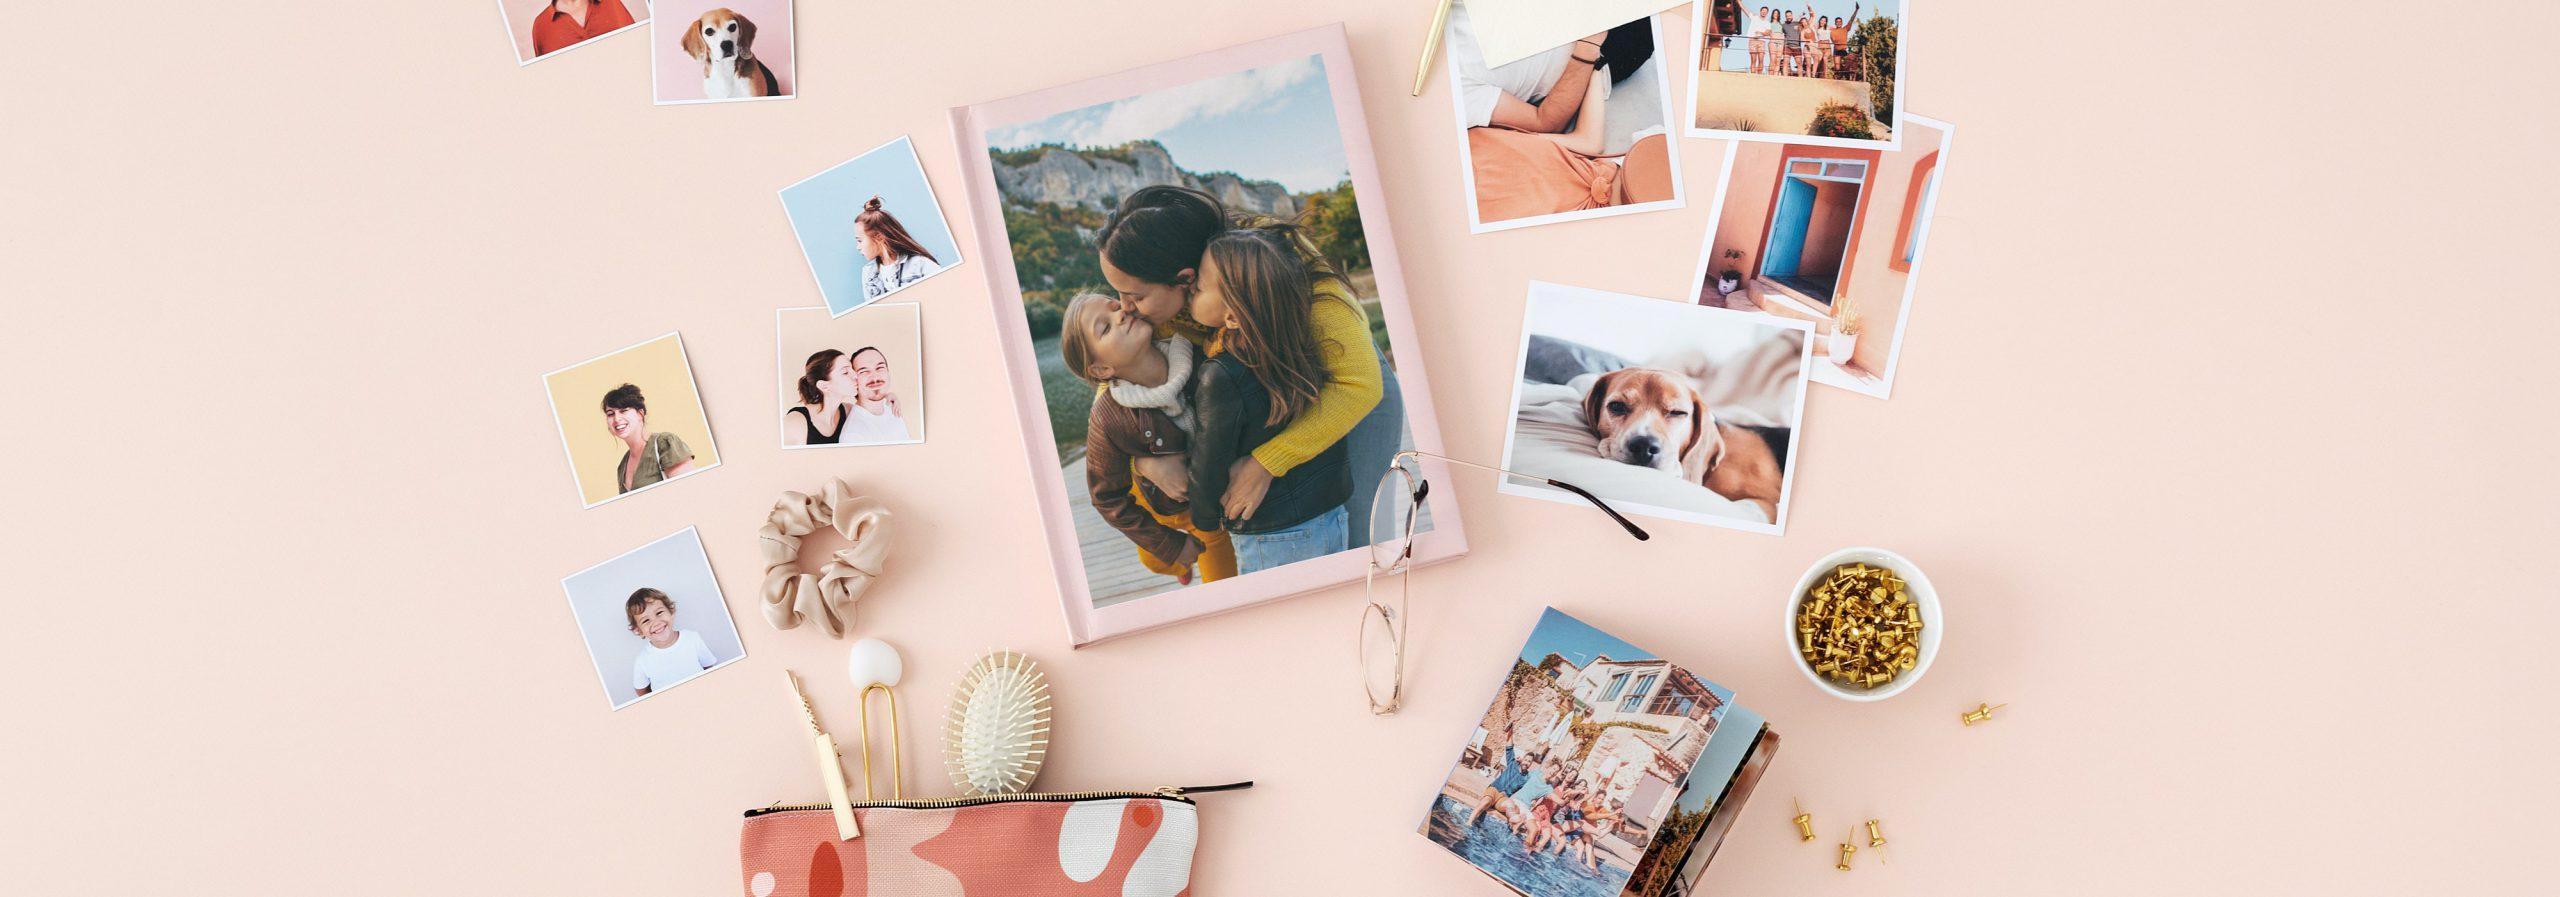 albumes de fotos para madres